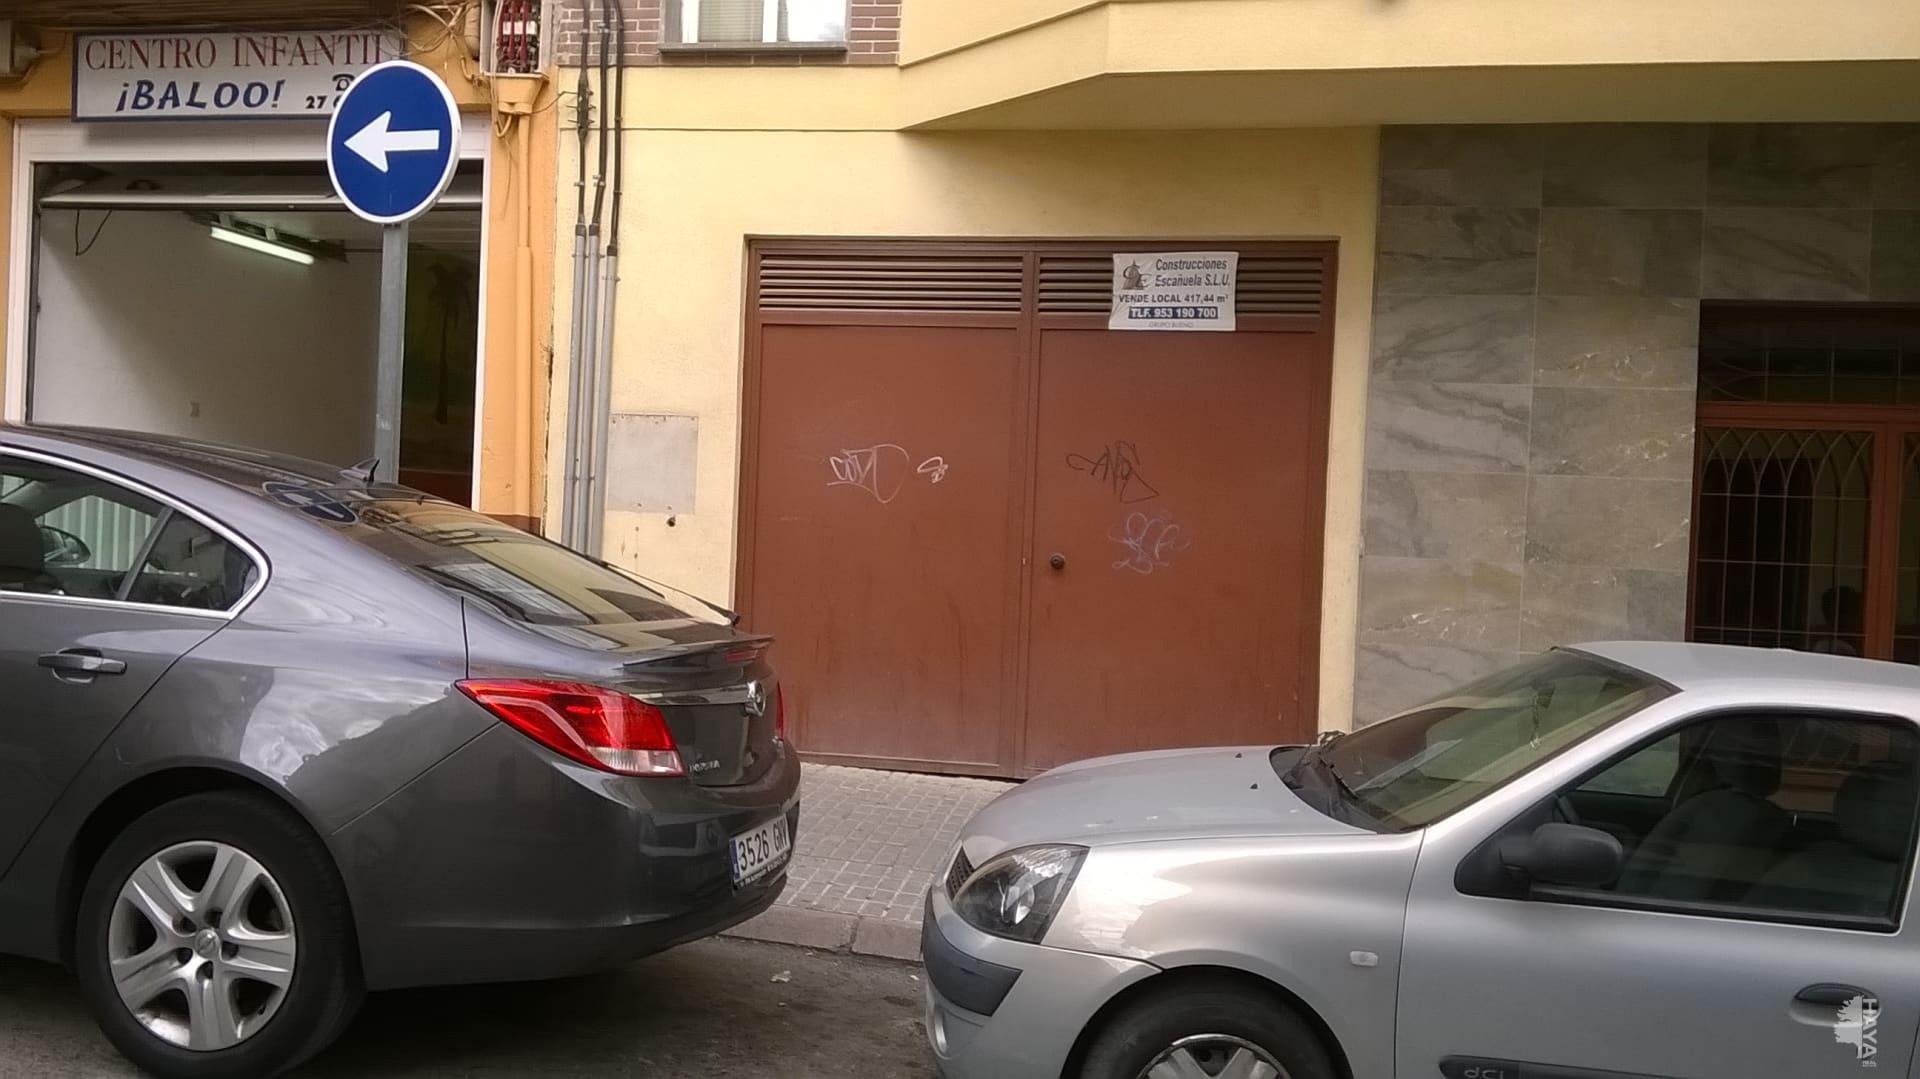 Local en venta en Jaén, Jaén, Calle Puerta del Sol, 339.000 €, 408 m2